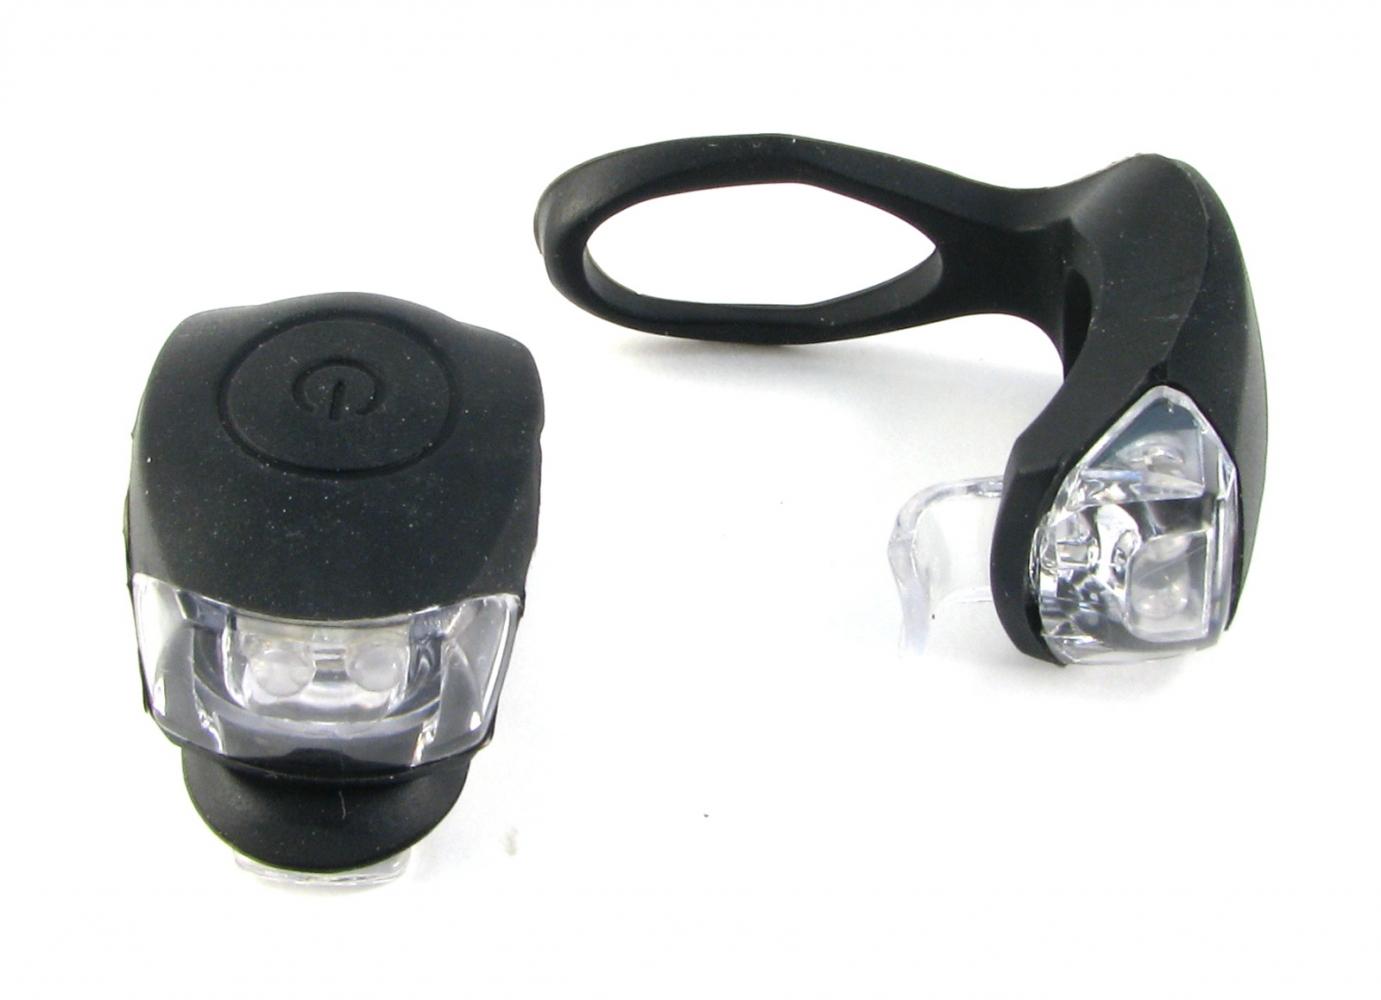 Фонарь задний + передний Vinca Sport 2 диода, 3 режима, силикон, с батарейками, VL 267-2B, чёрный   v